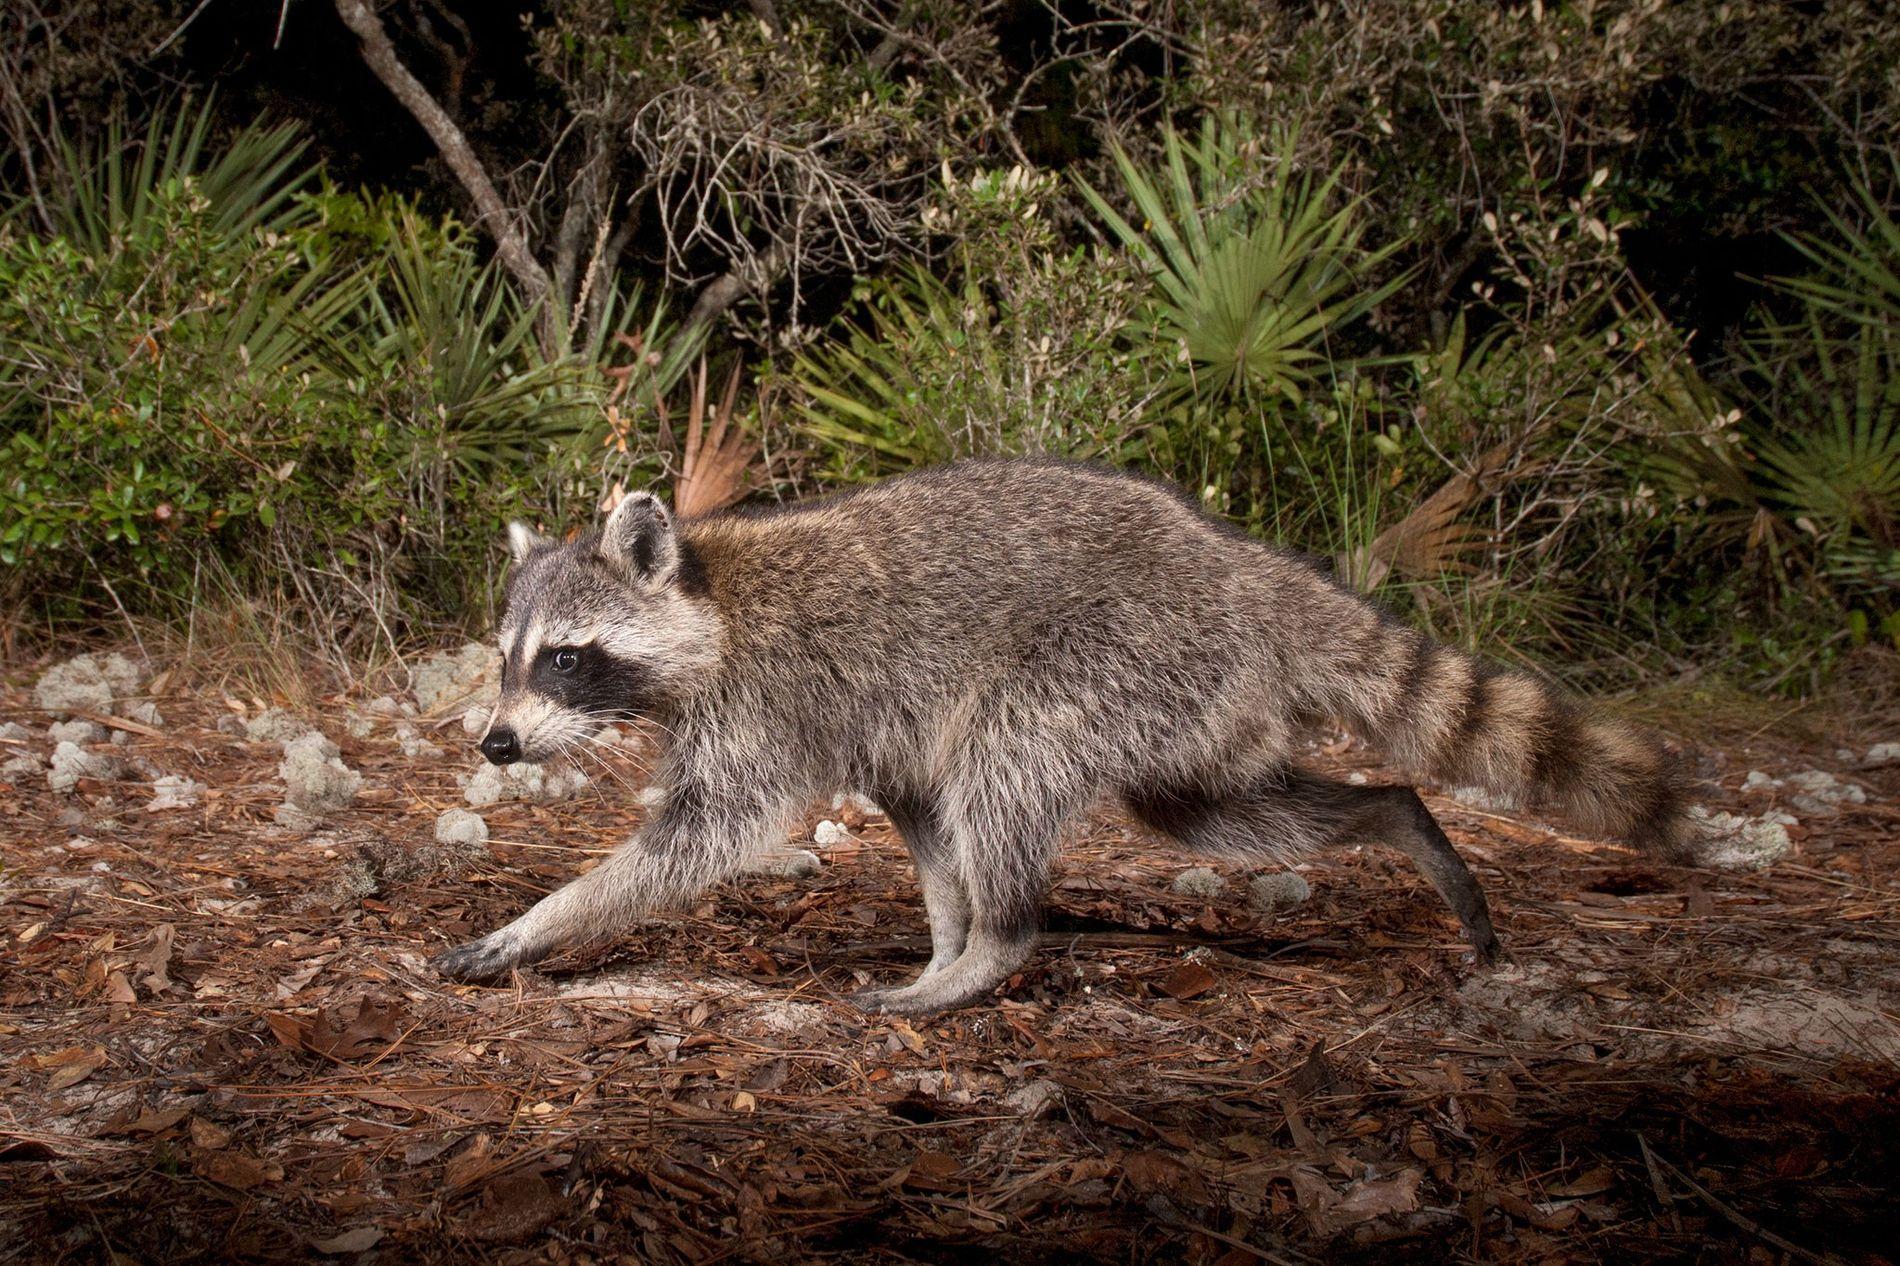 Guaxinins são mamíferos inteligentes e altamente adaptáveis que prosperam em ambientes humanos. Mas isso pode colocar o vírus da raiva em contato próximo com animais de estimação e pessoas.